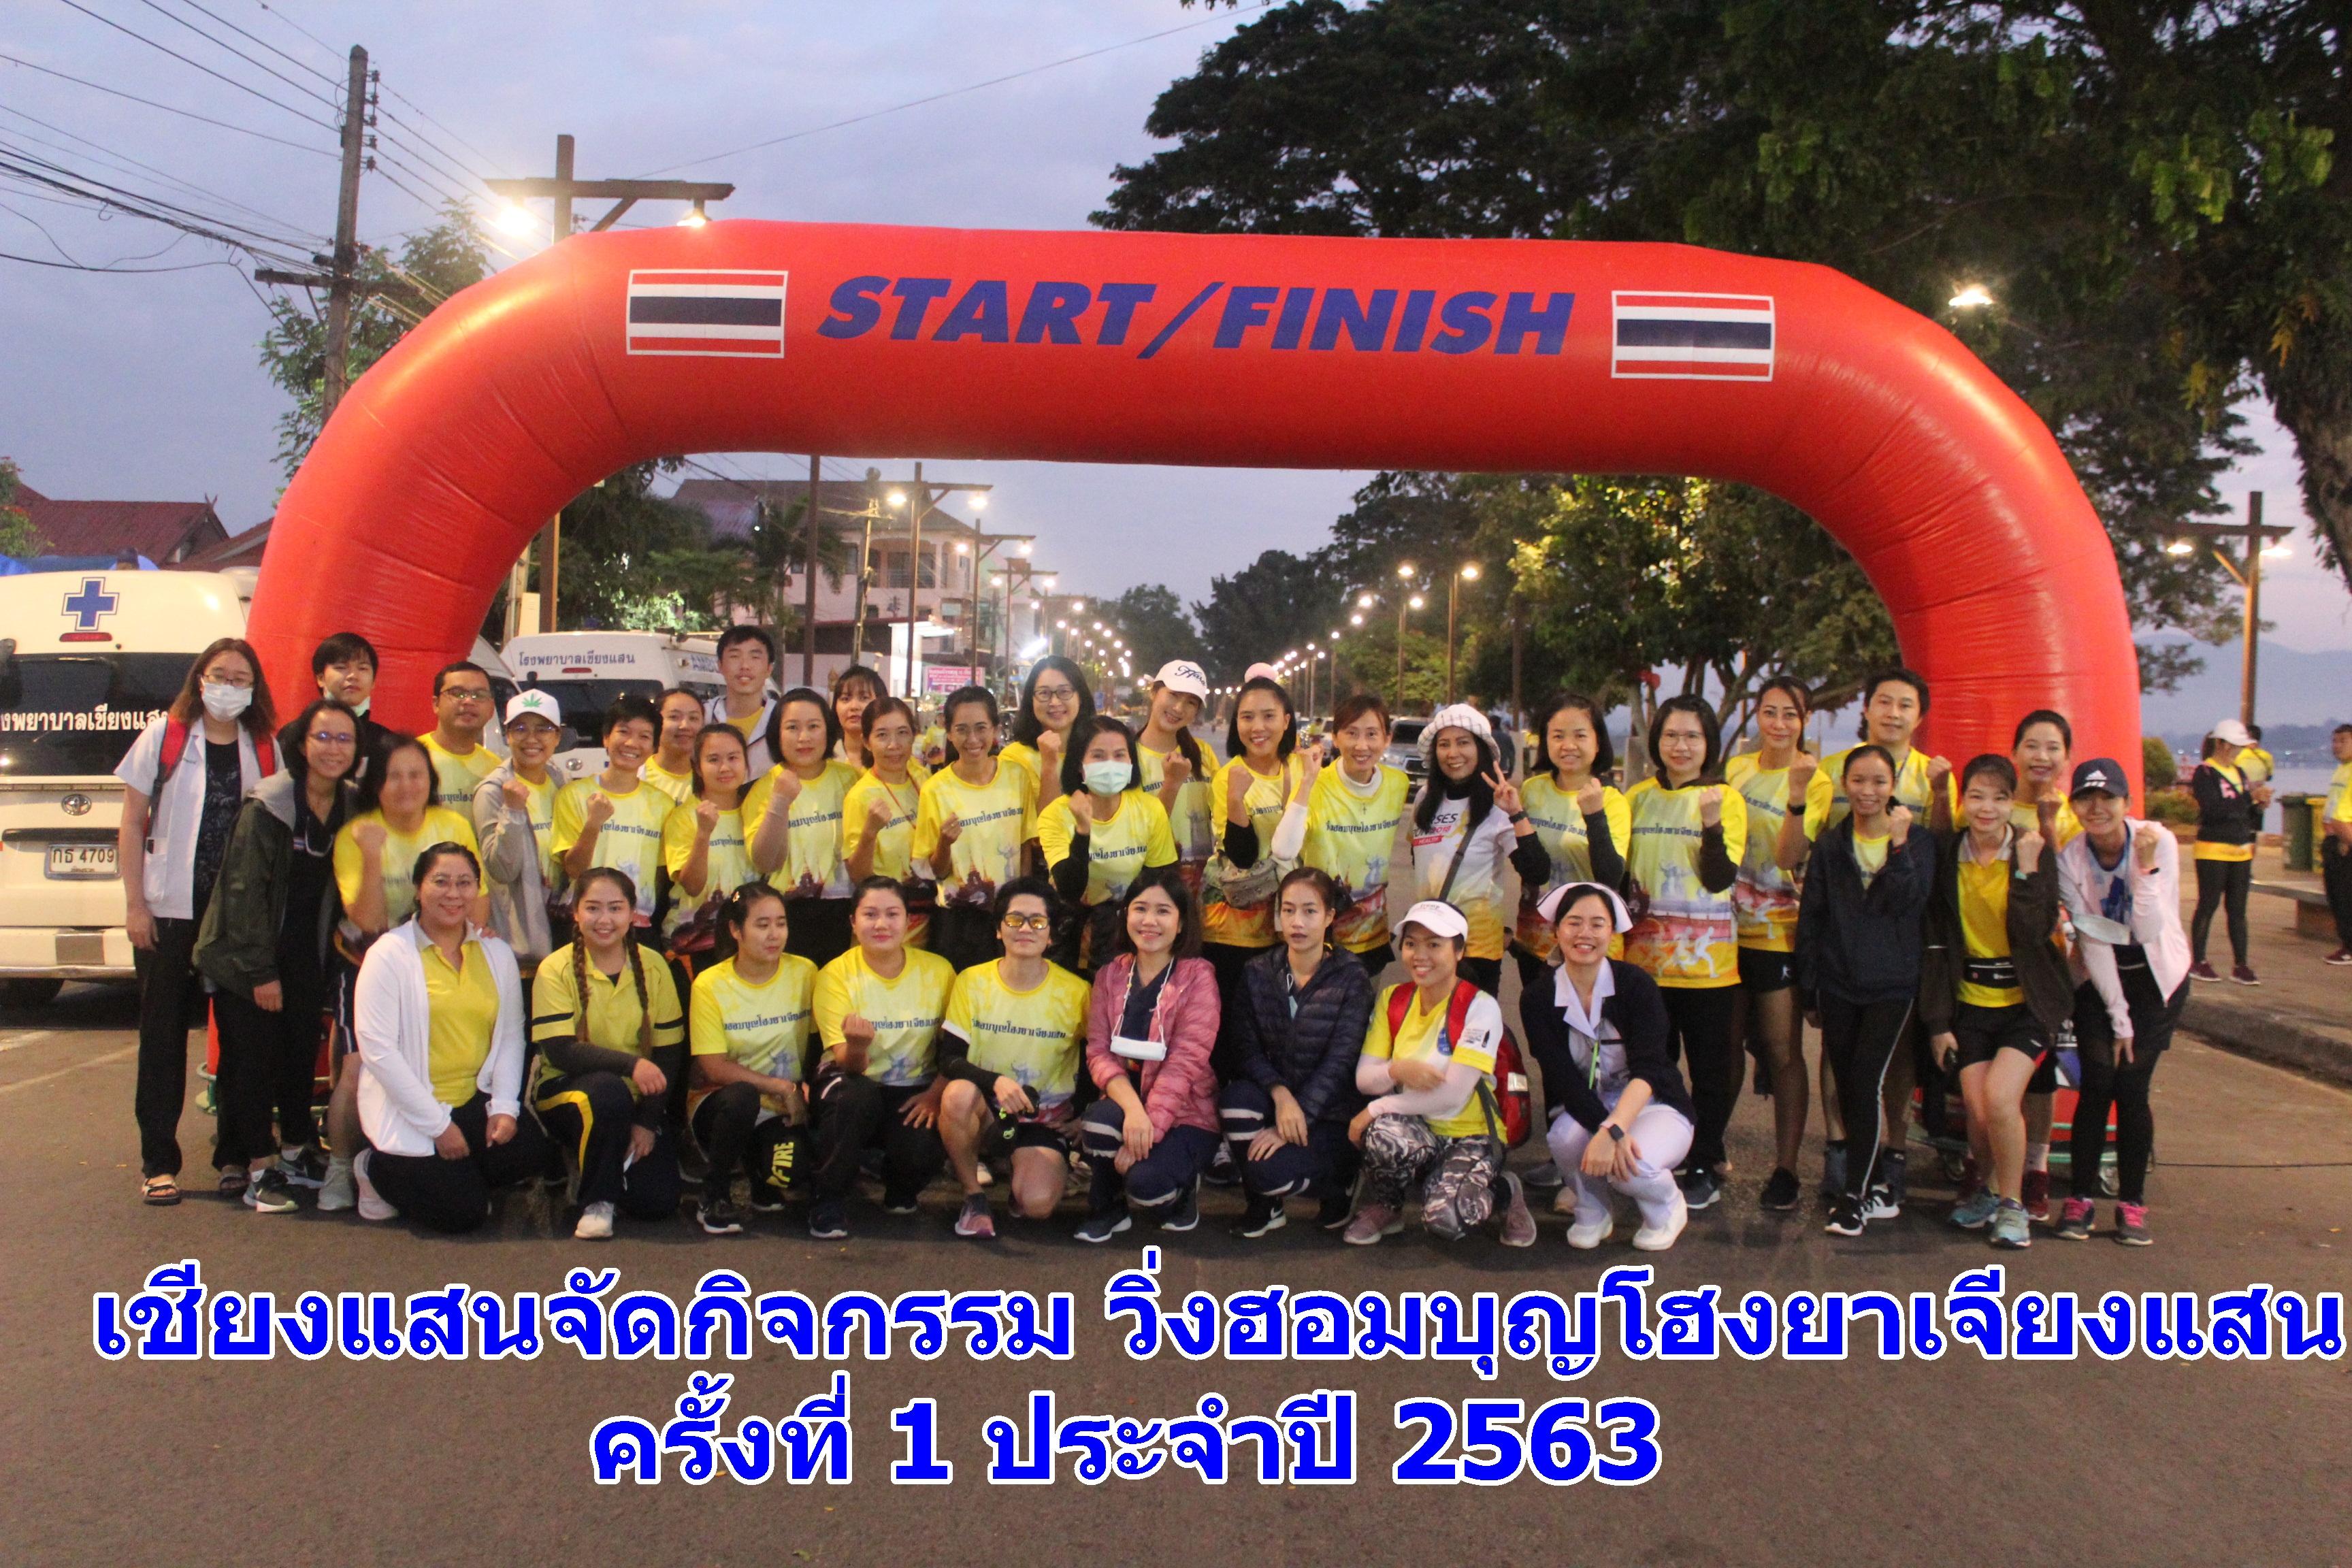 (คลิป) เชียงแสนจัดกิจกรรม วิ่งฮอมบุญโฮงยาเจียงแสน ครั้งที่ 1 ประจำปี 2563